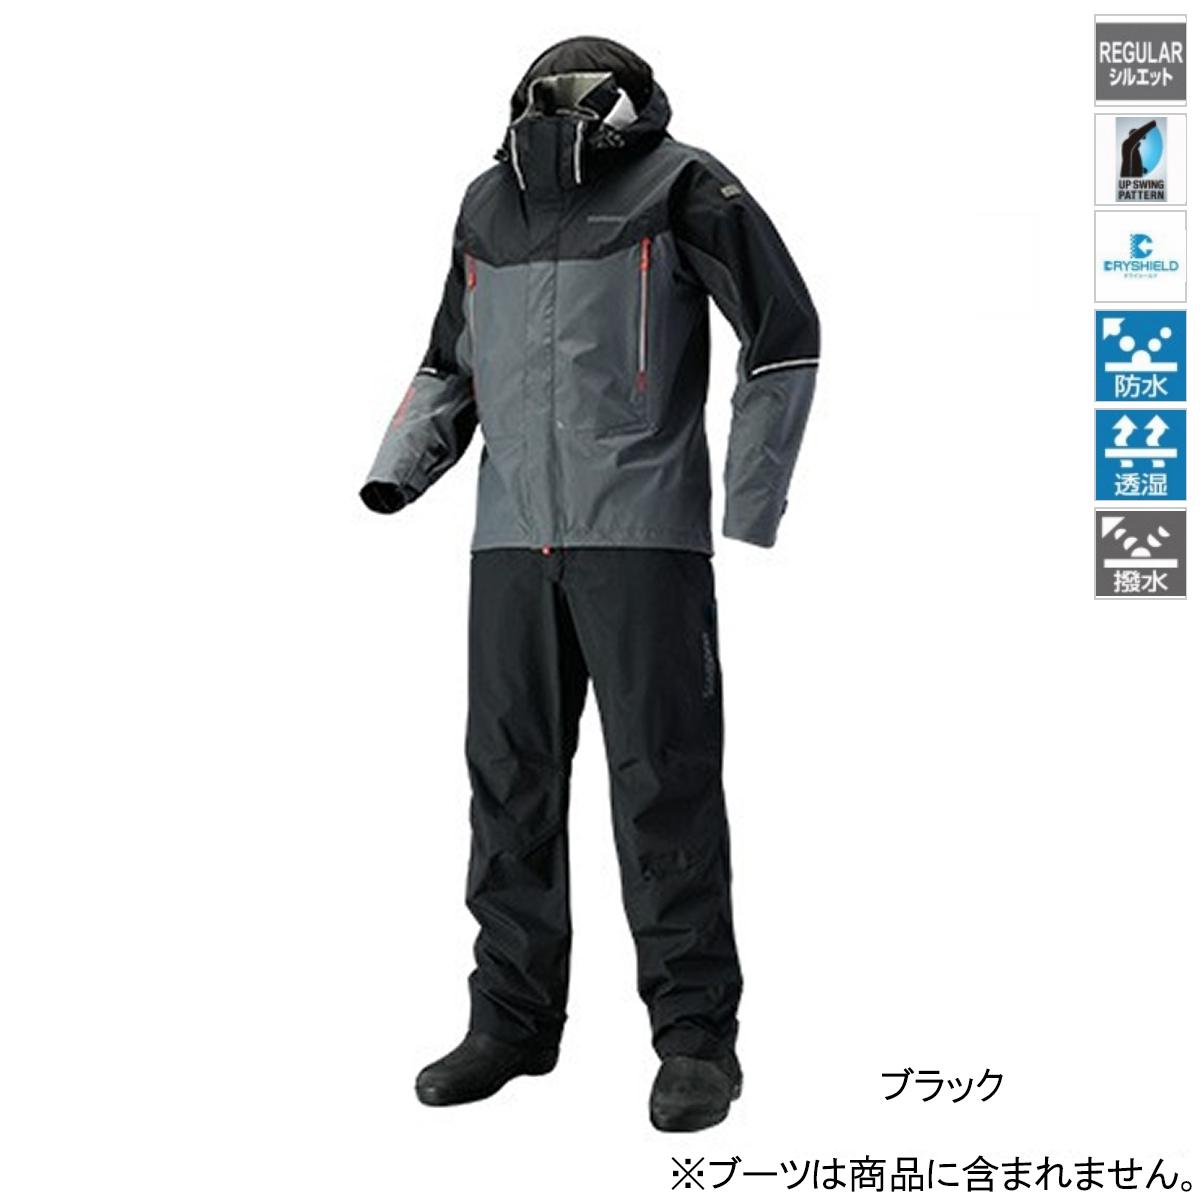 シマノ DSアドバンススーツ RA-025S M ブラック